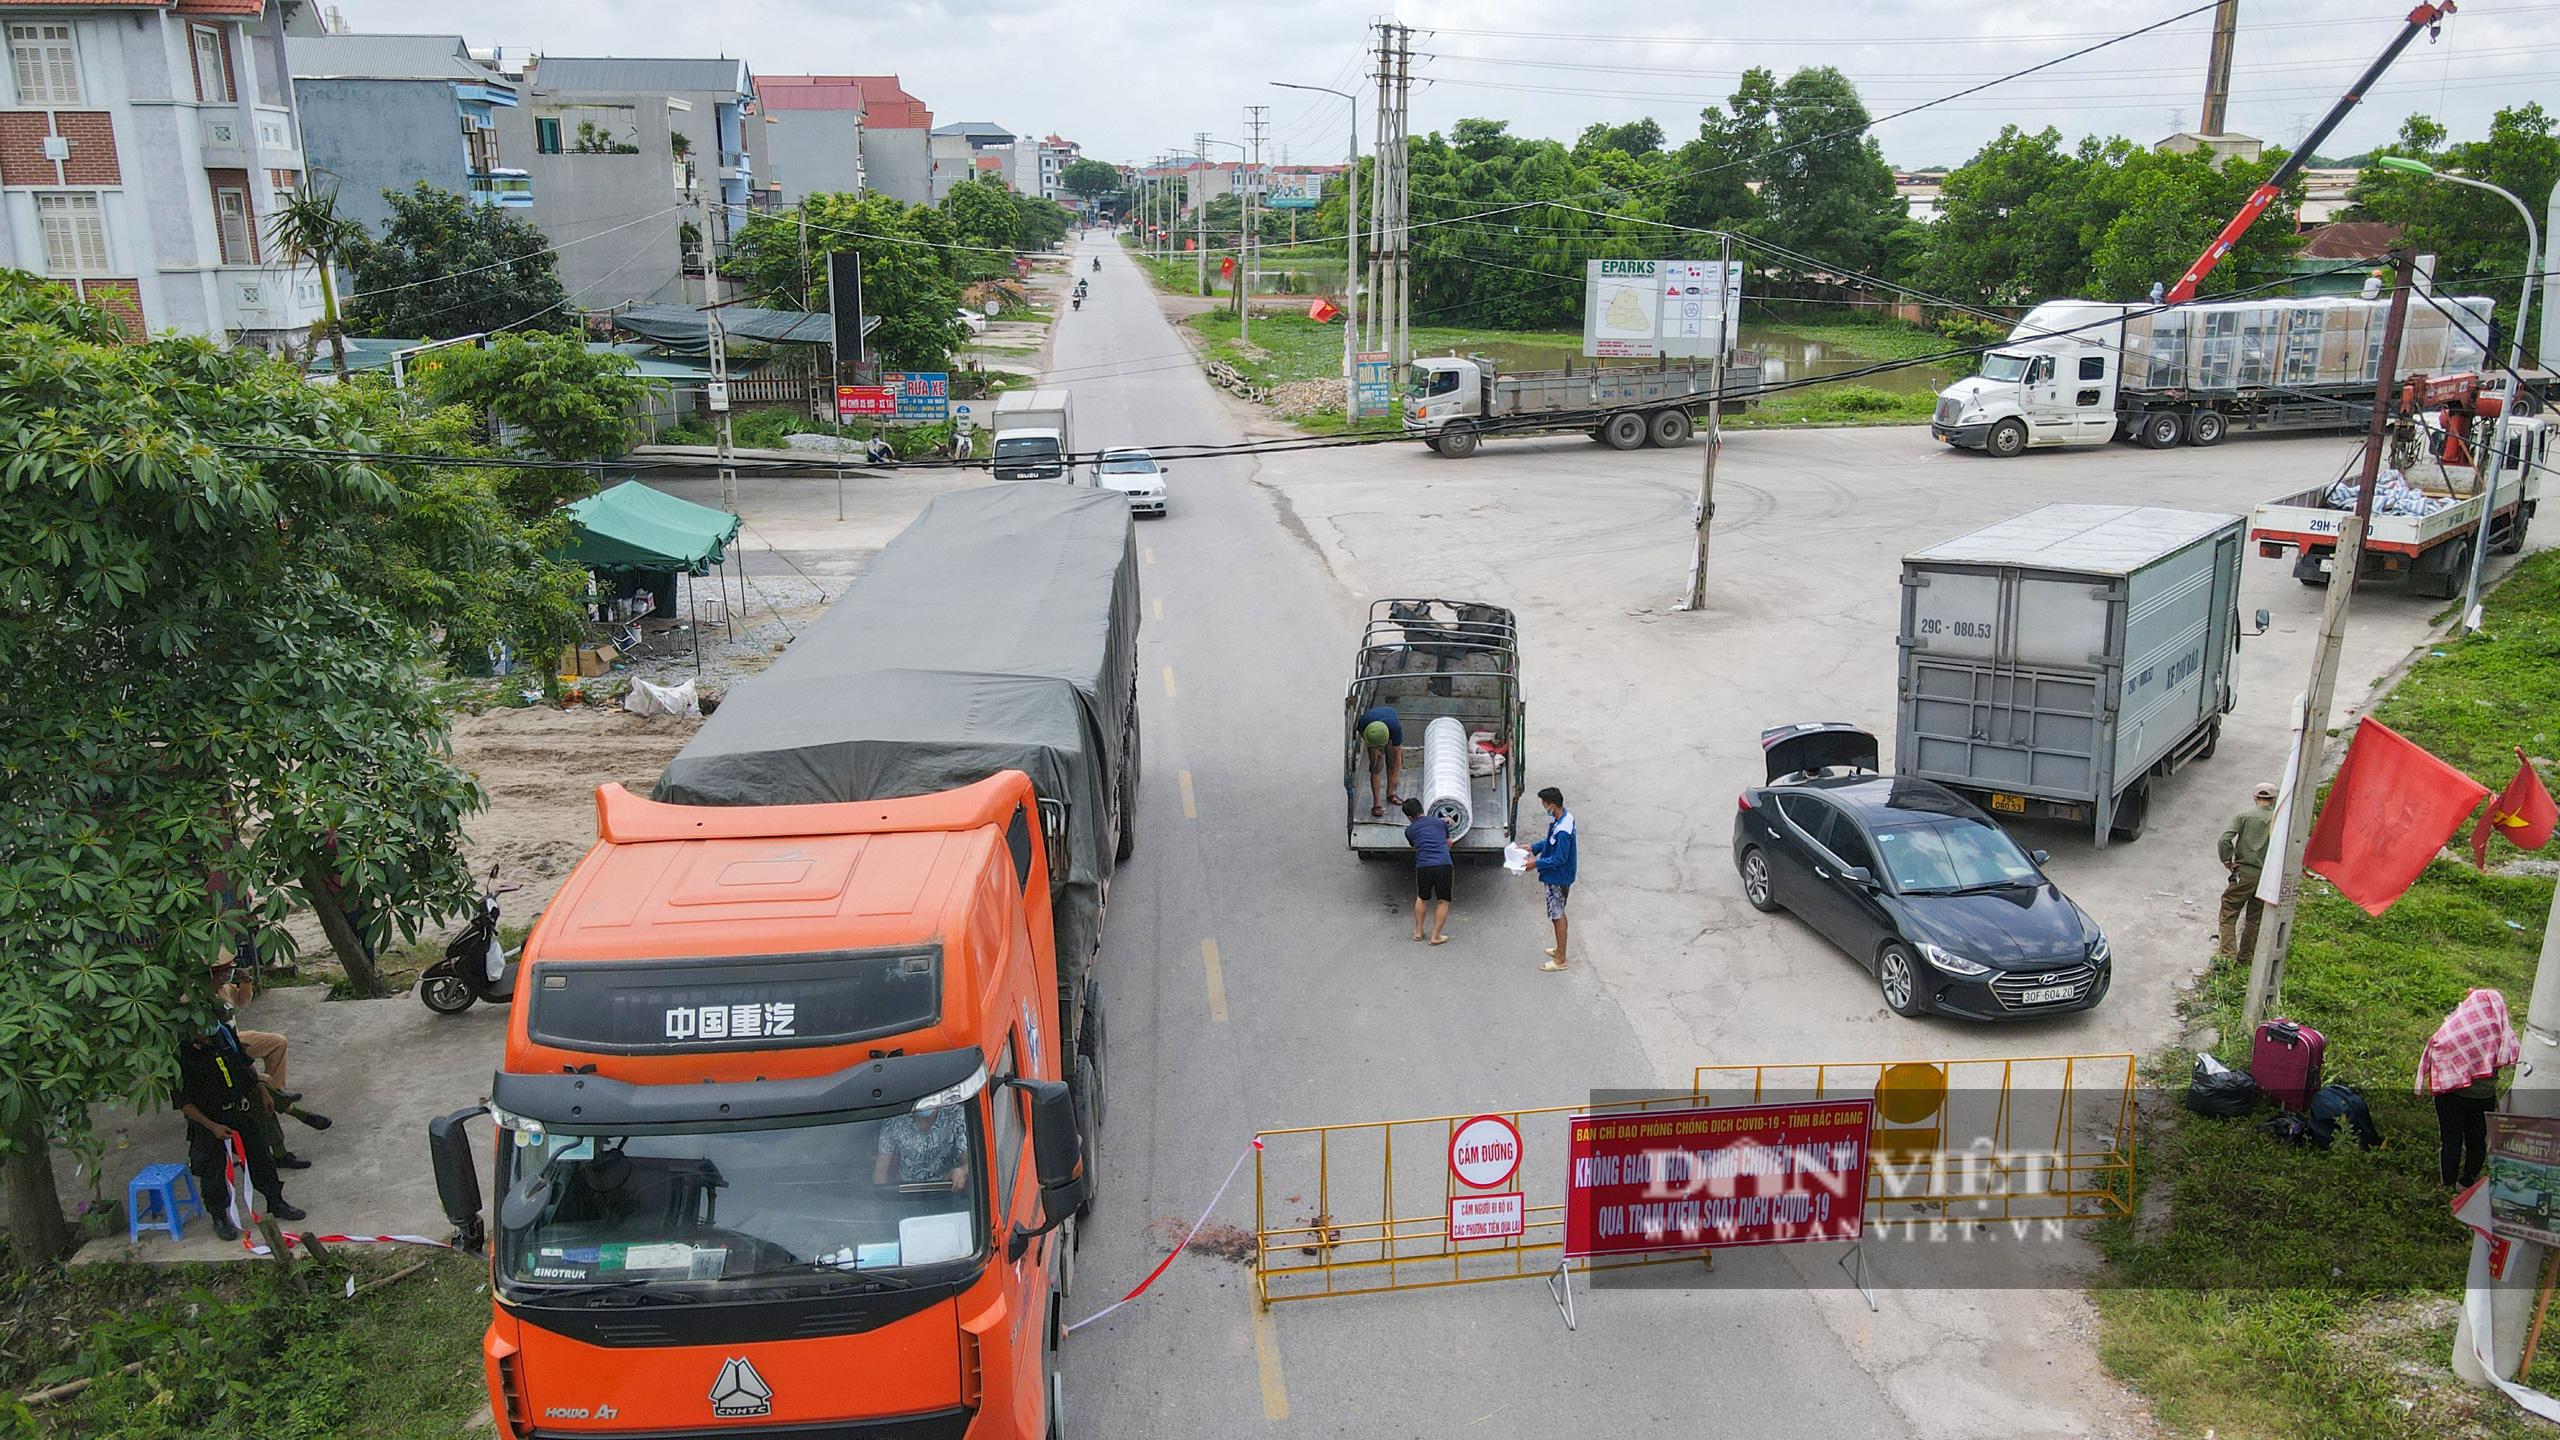 Hà Nội: Đổ đất, dựng rào phòng dịch tại các nơi tiếp giáp Bắc Giang, Bắc Ninh - Ảnh 1.